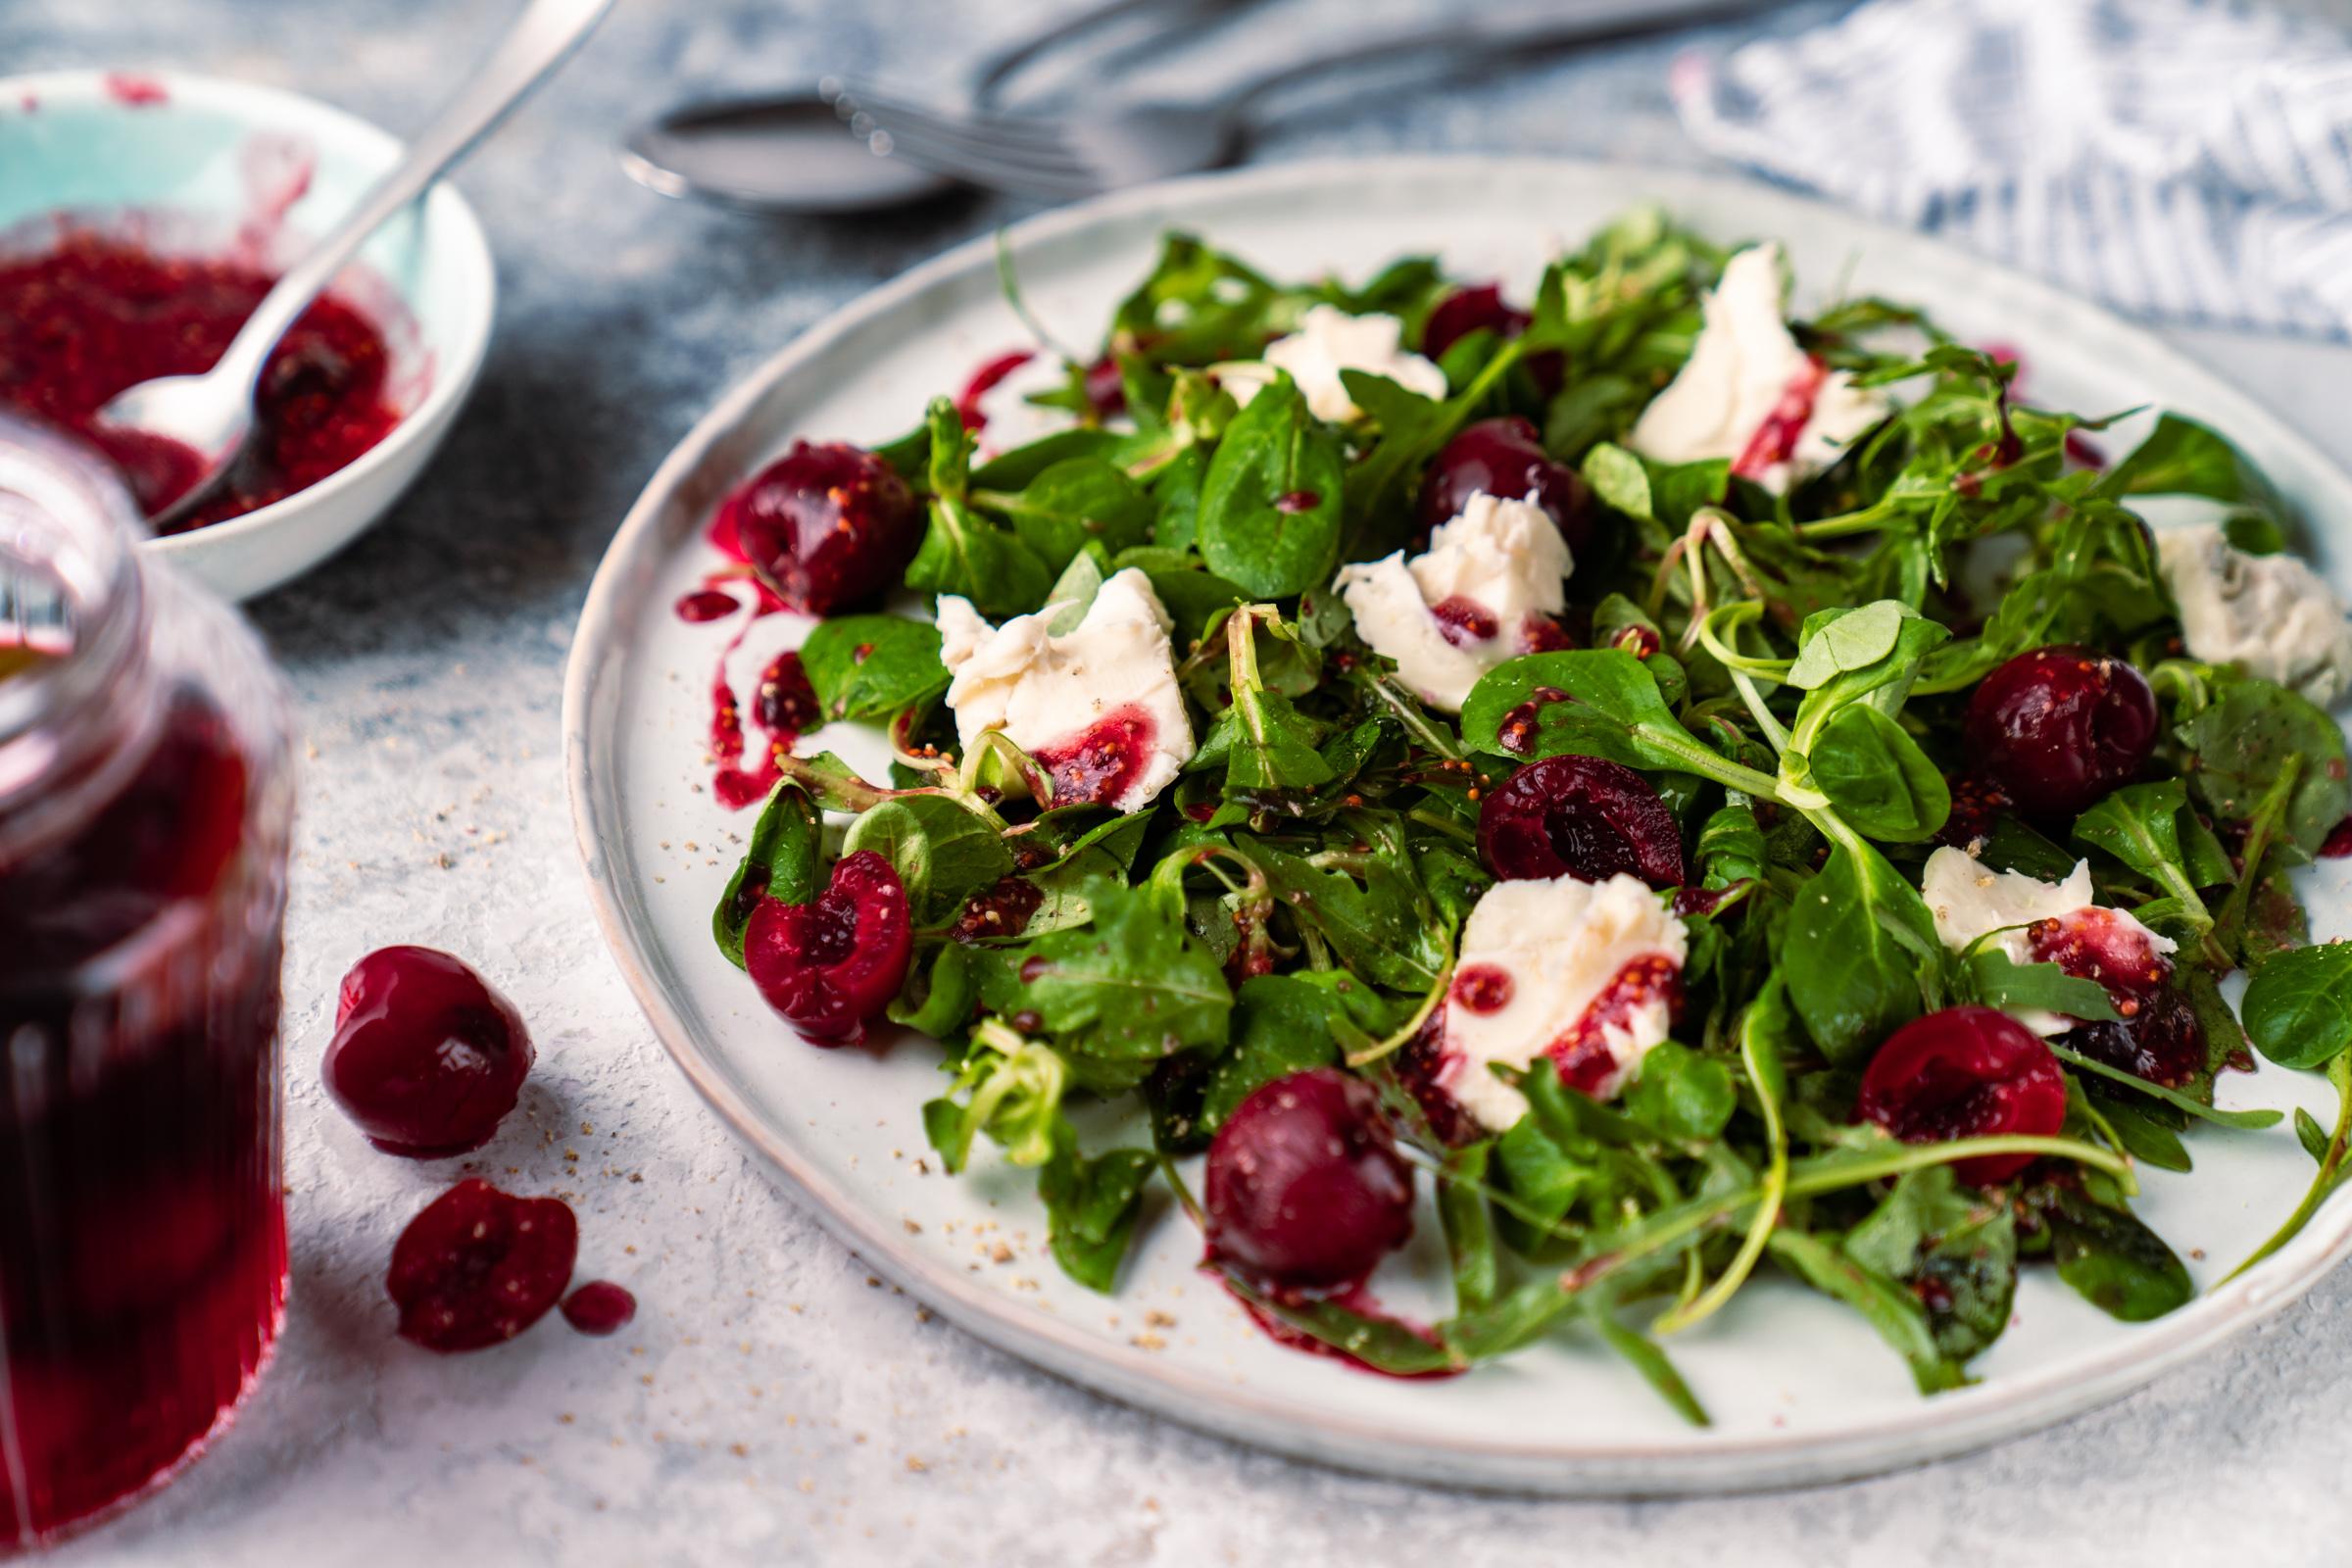 Rezept für eingelegte Kirschen und einen köstlichen grünen Salat, zu dem die Kirschen perfekt passen!